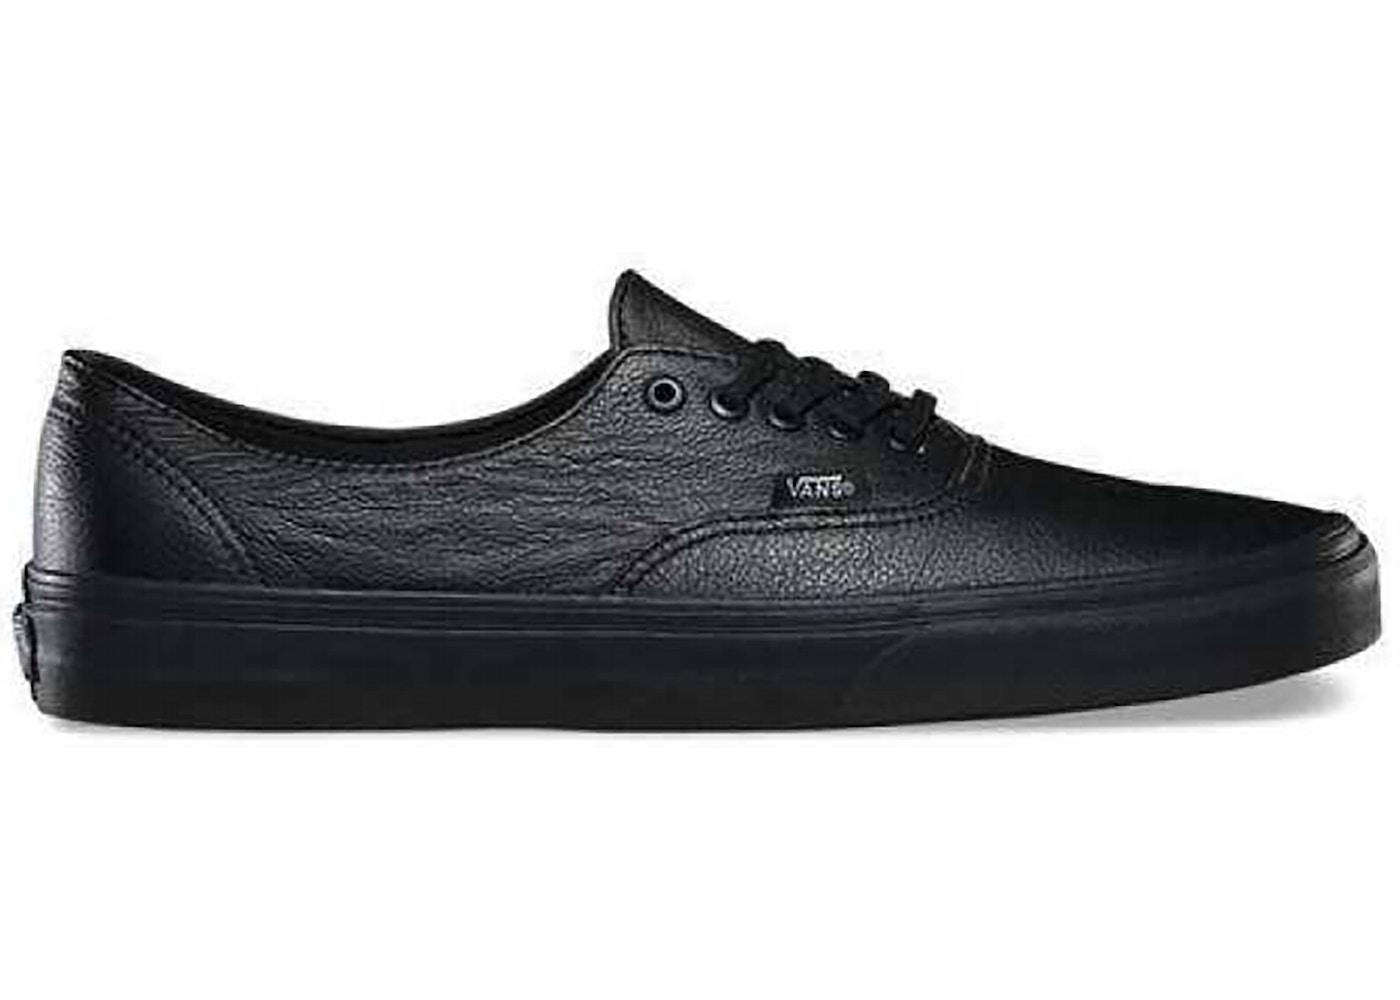 Vans Authentic Decon Premium Leather Black